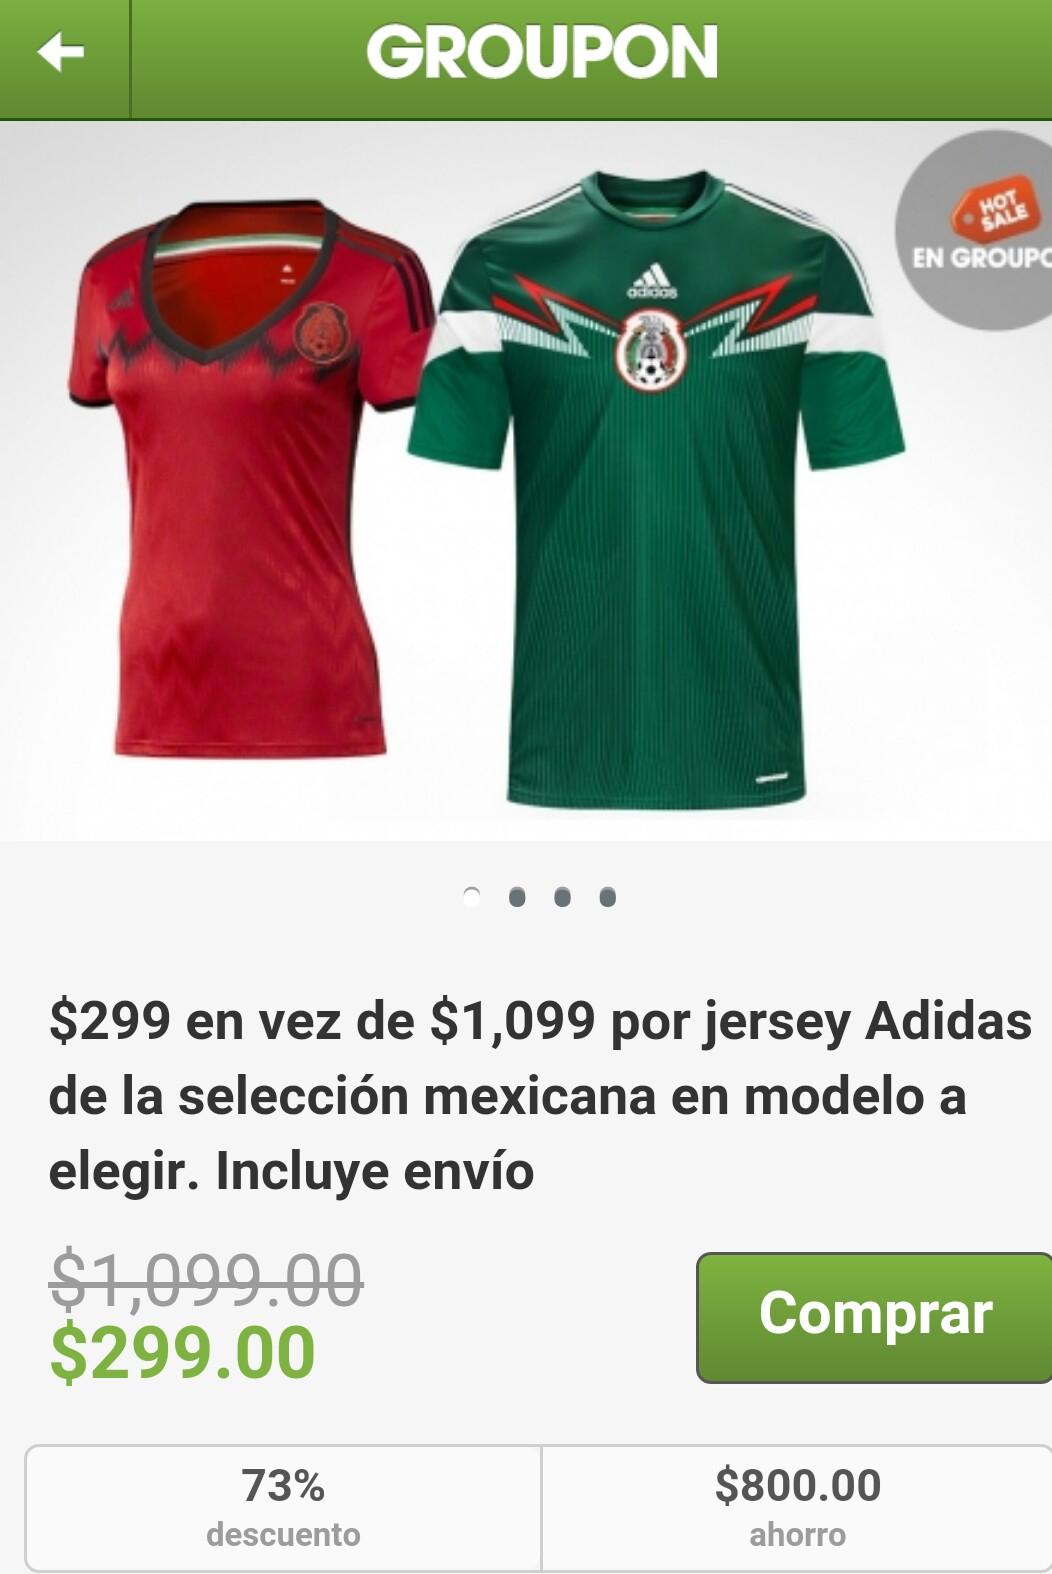 Groupon: Jersey Adidas Oficial Selección Mexicana 2014 $299 (Dama y Caballero)